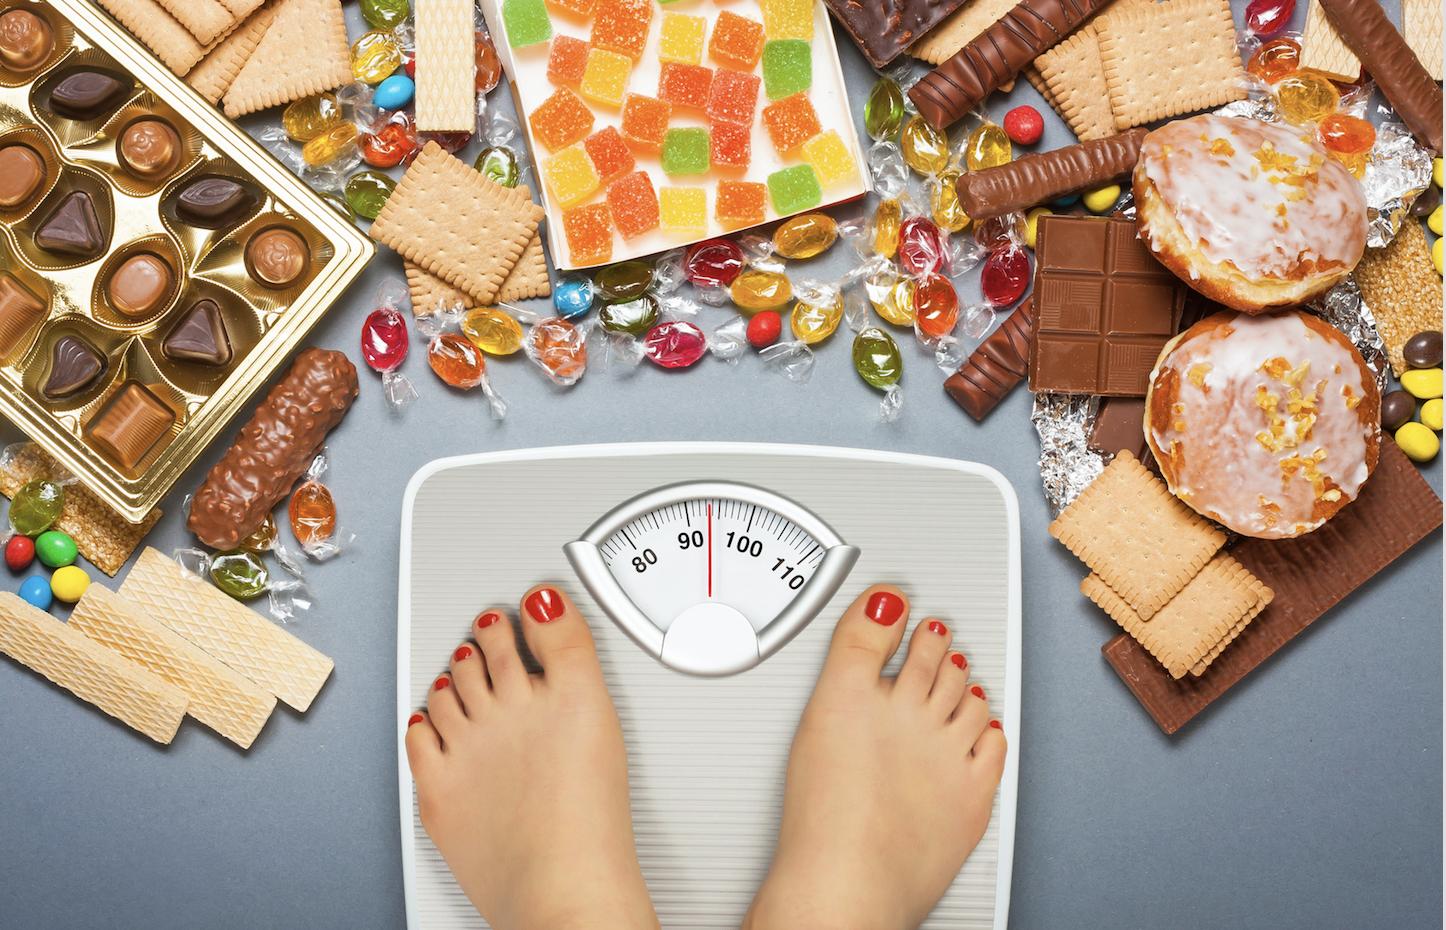 La Guida - La dieta mediterranea contro l'obesità